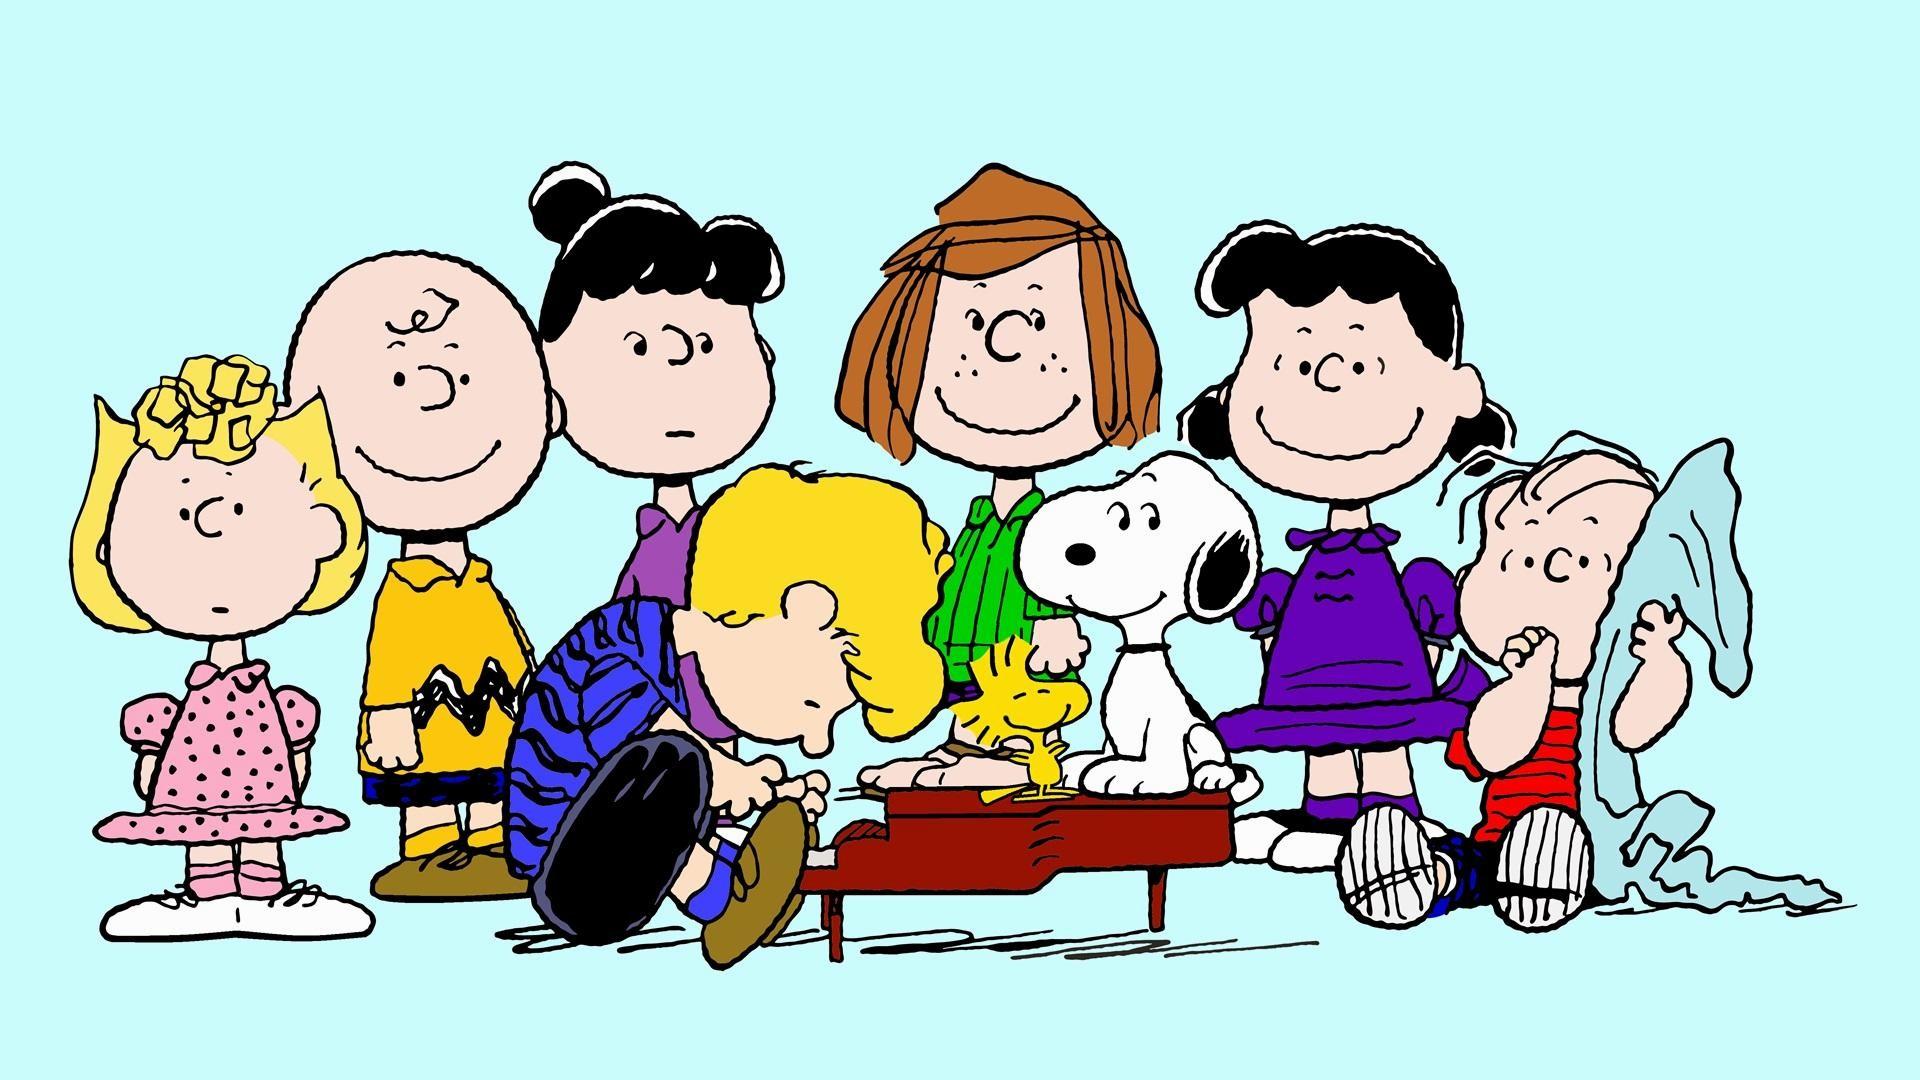 Peanuts-Gang-Family-Photo-1920×1080-JPEG-wallpaper-wp2008855